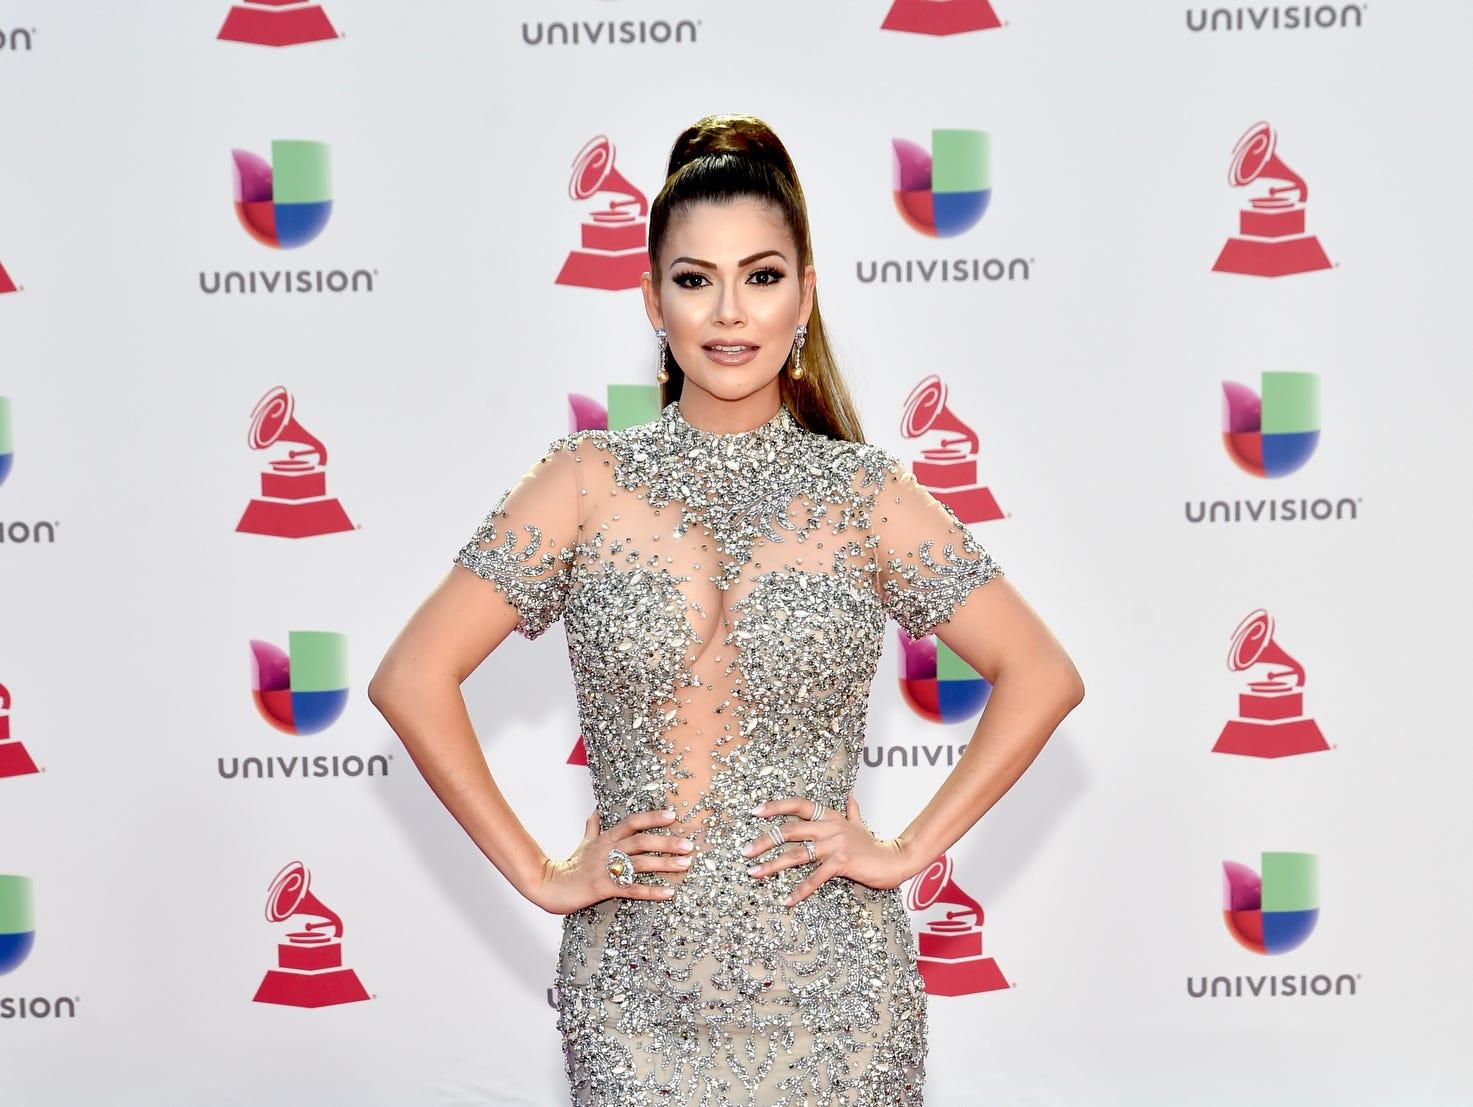 Ana Patricia Gamez